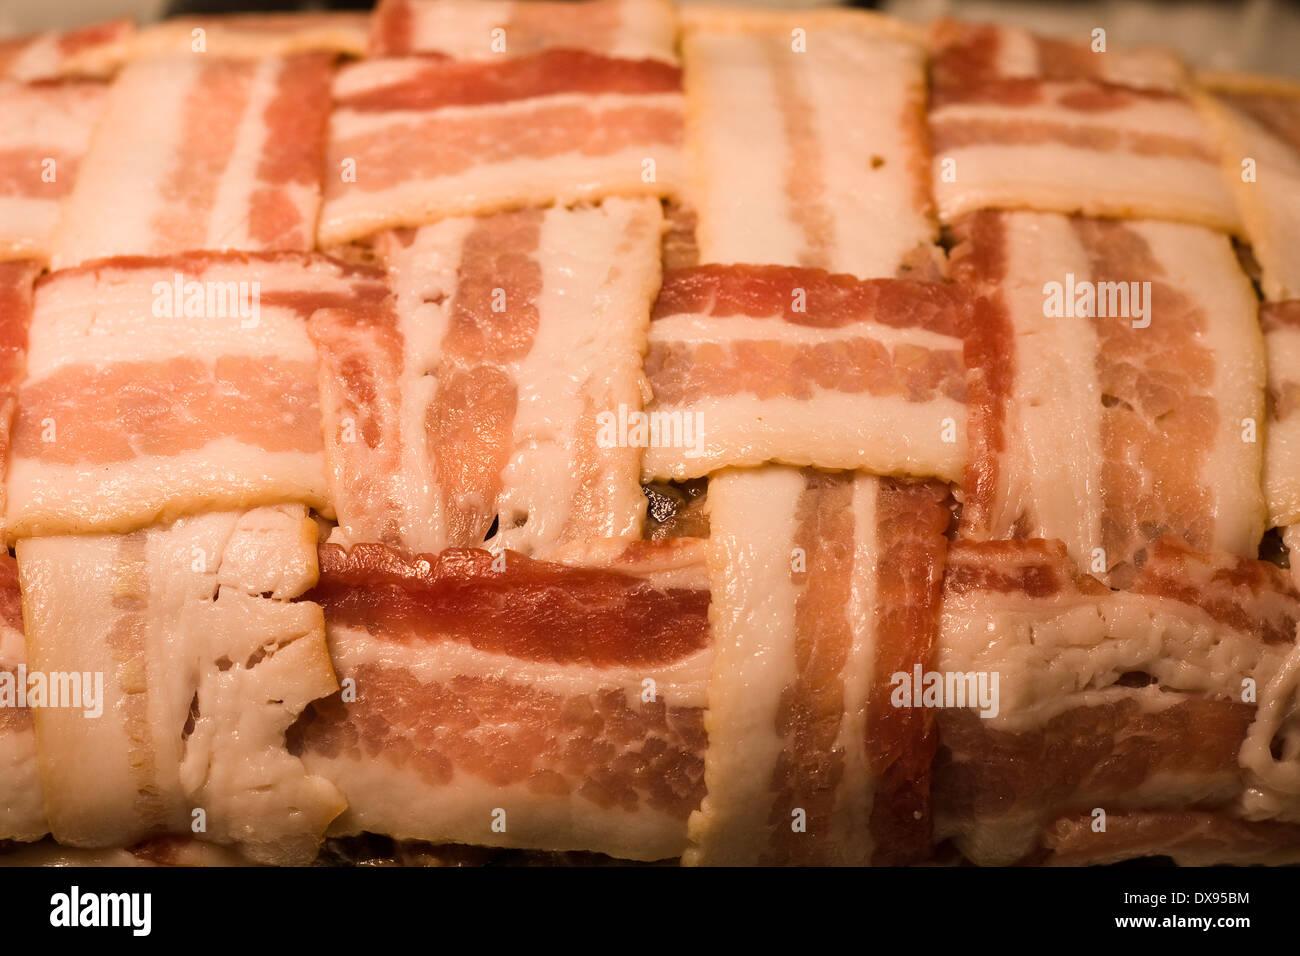 Polpettone crudo avvolto con il bacon in una cesta modello di armatura seduto in un chiaro in Pyrex teglia su una cucina piano cottura Immagini Stock